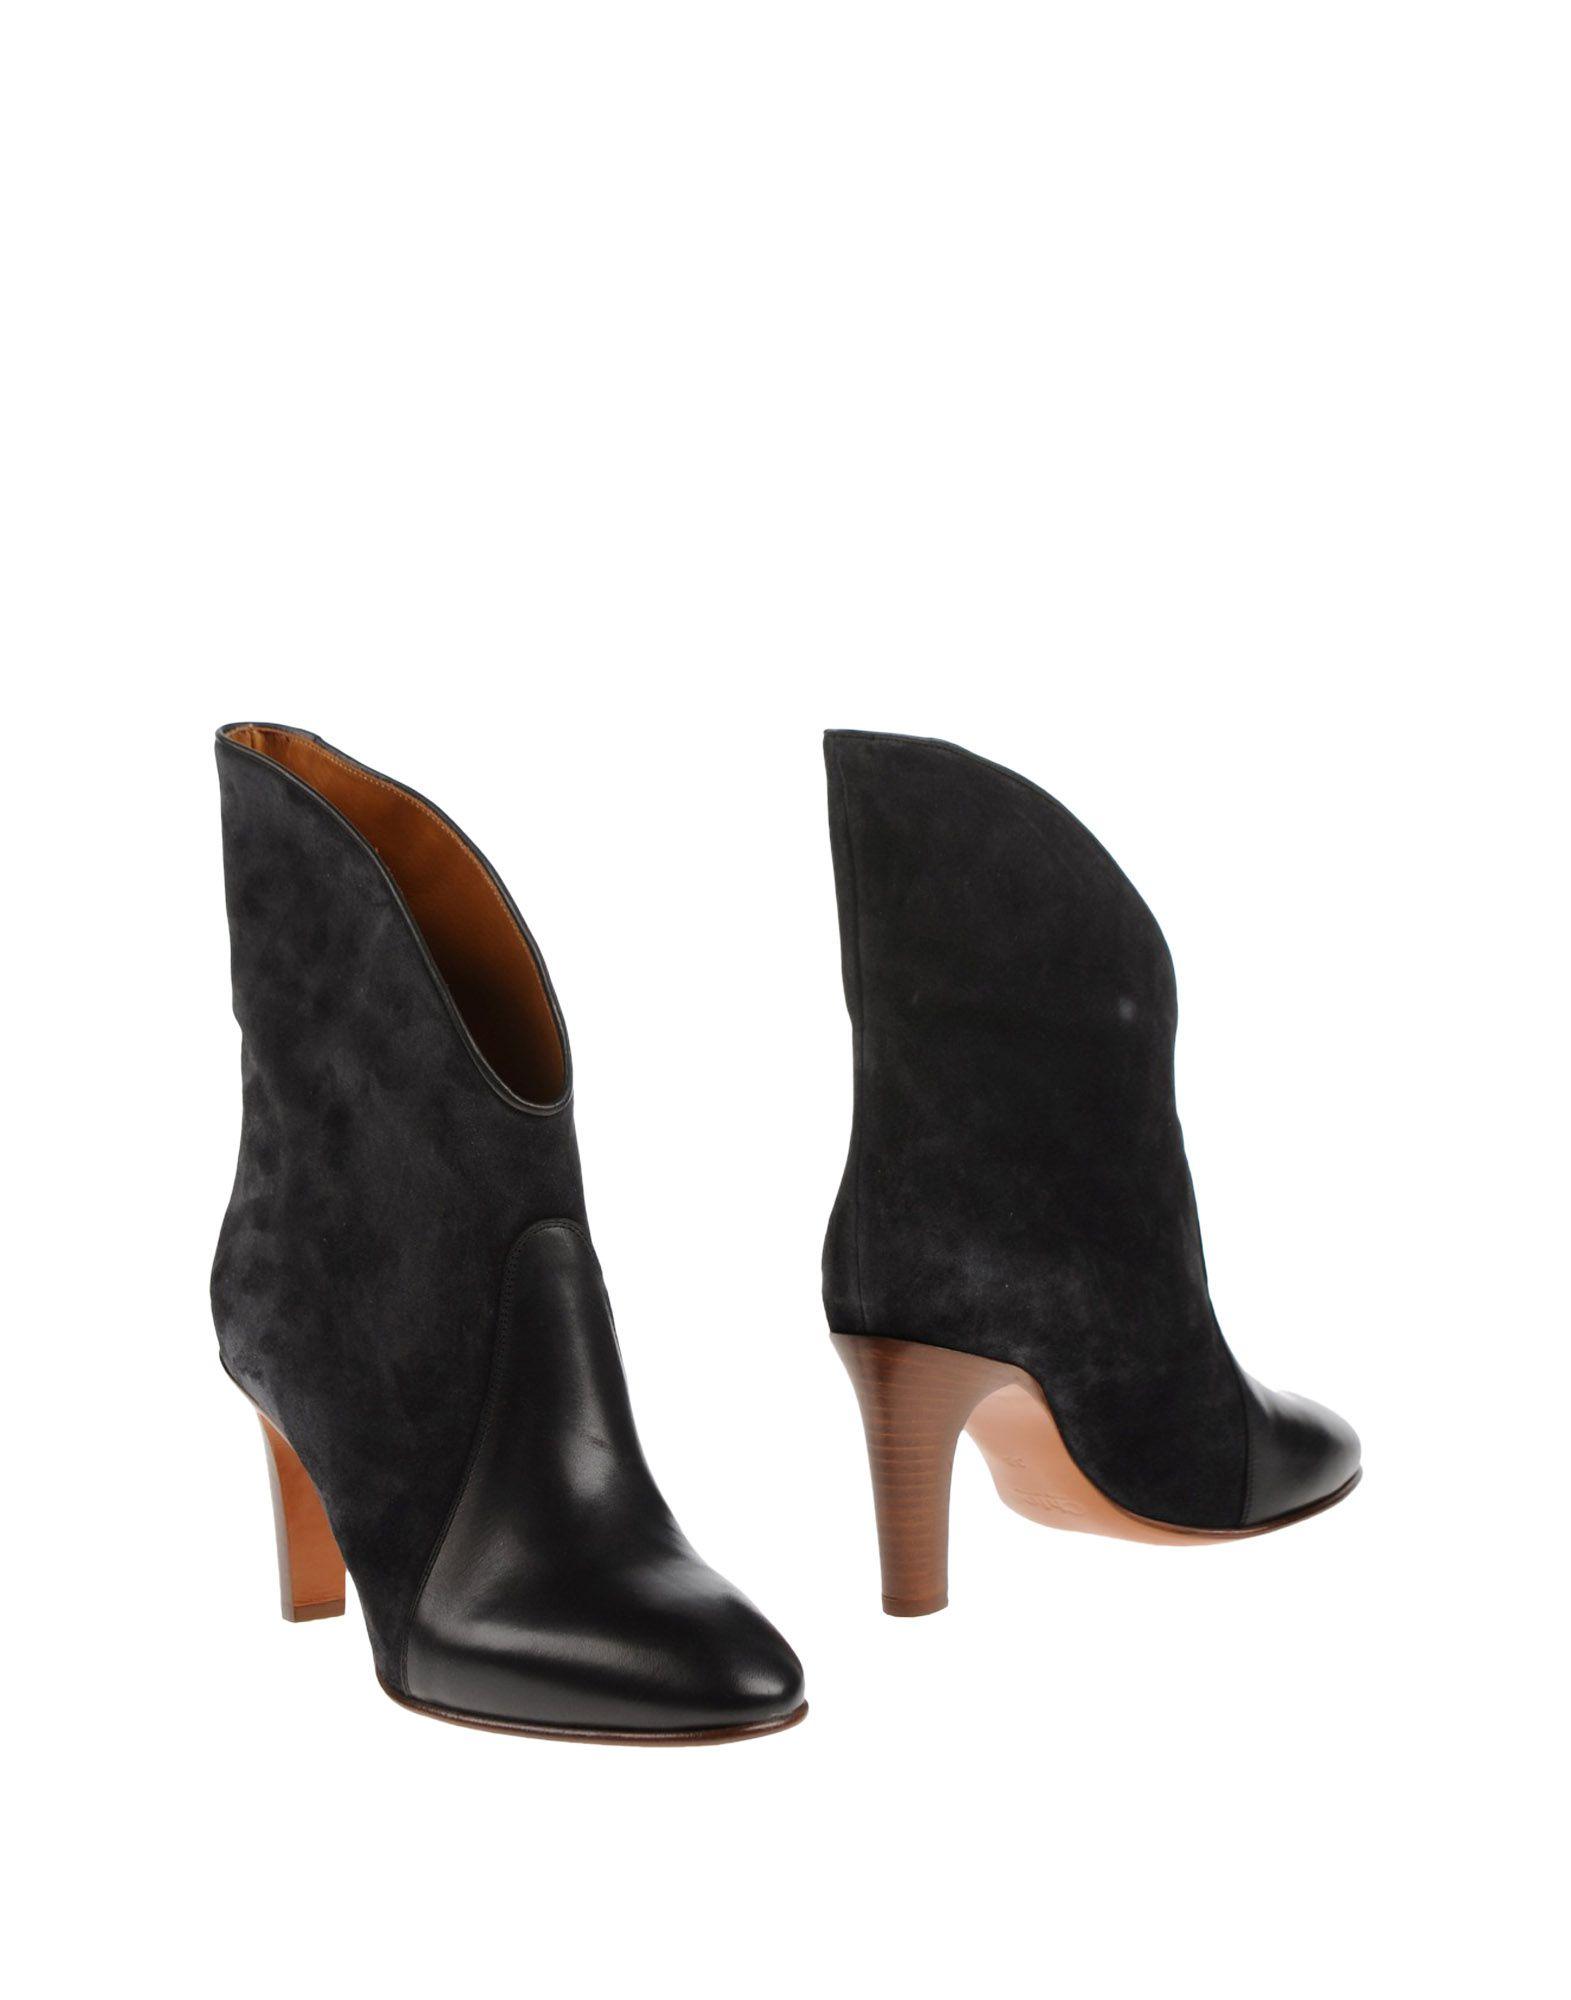 Chloé Stiefelette Damen  11214575FKGünstige Schuhe gut aussehende Schuhe 11214575FKGünstige 9eac62